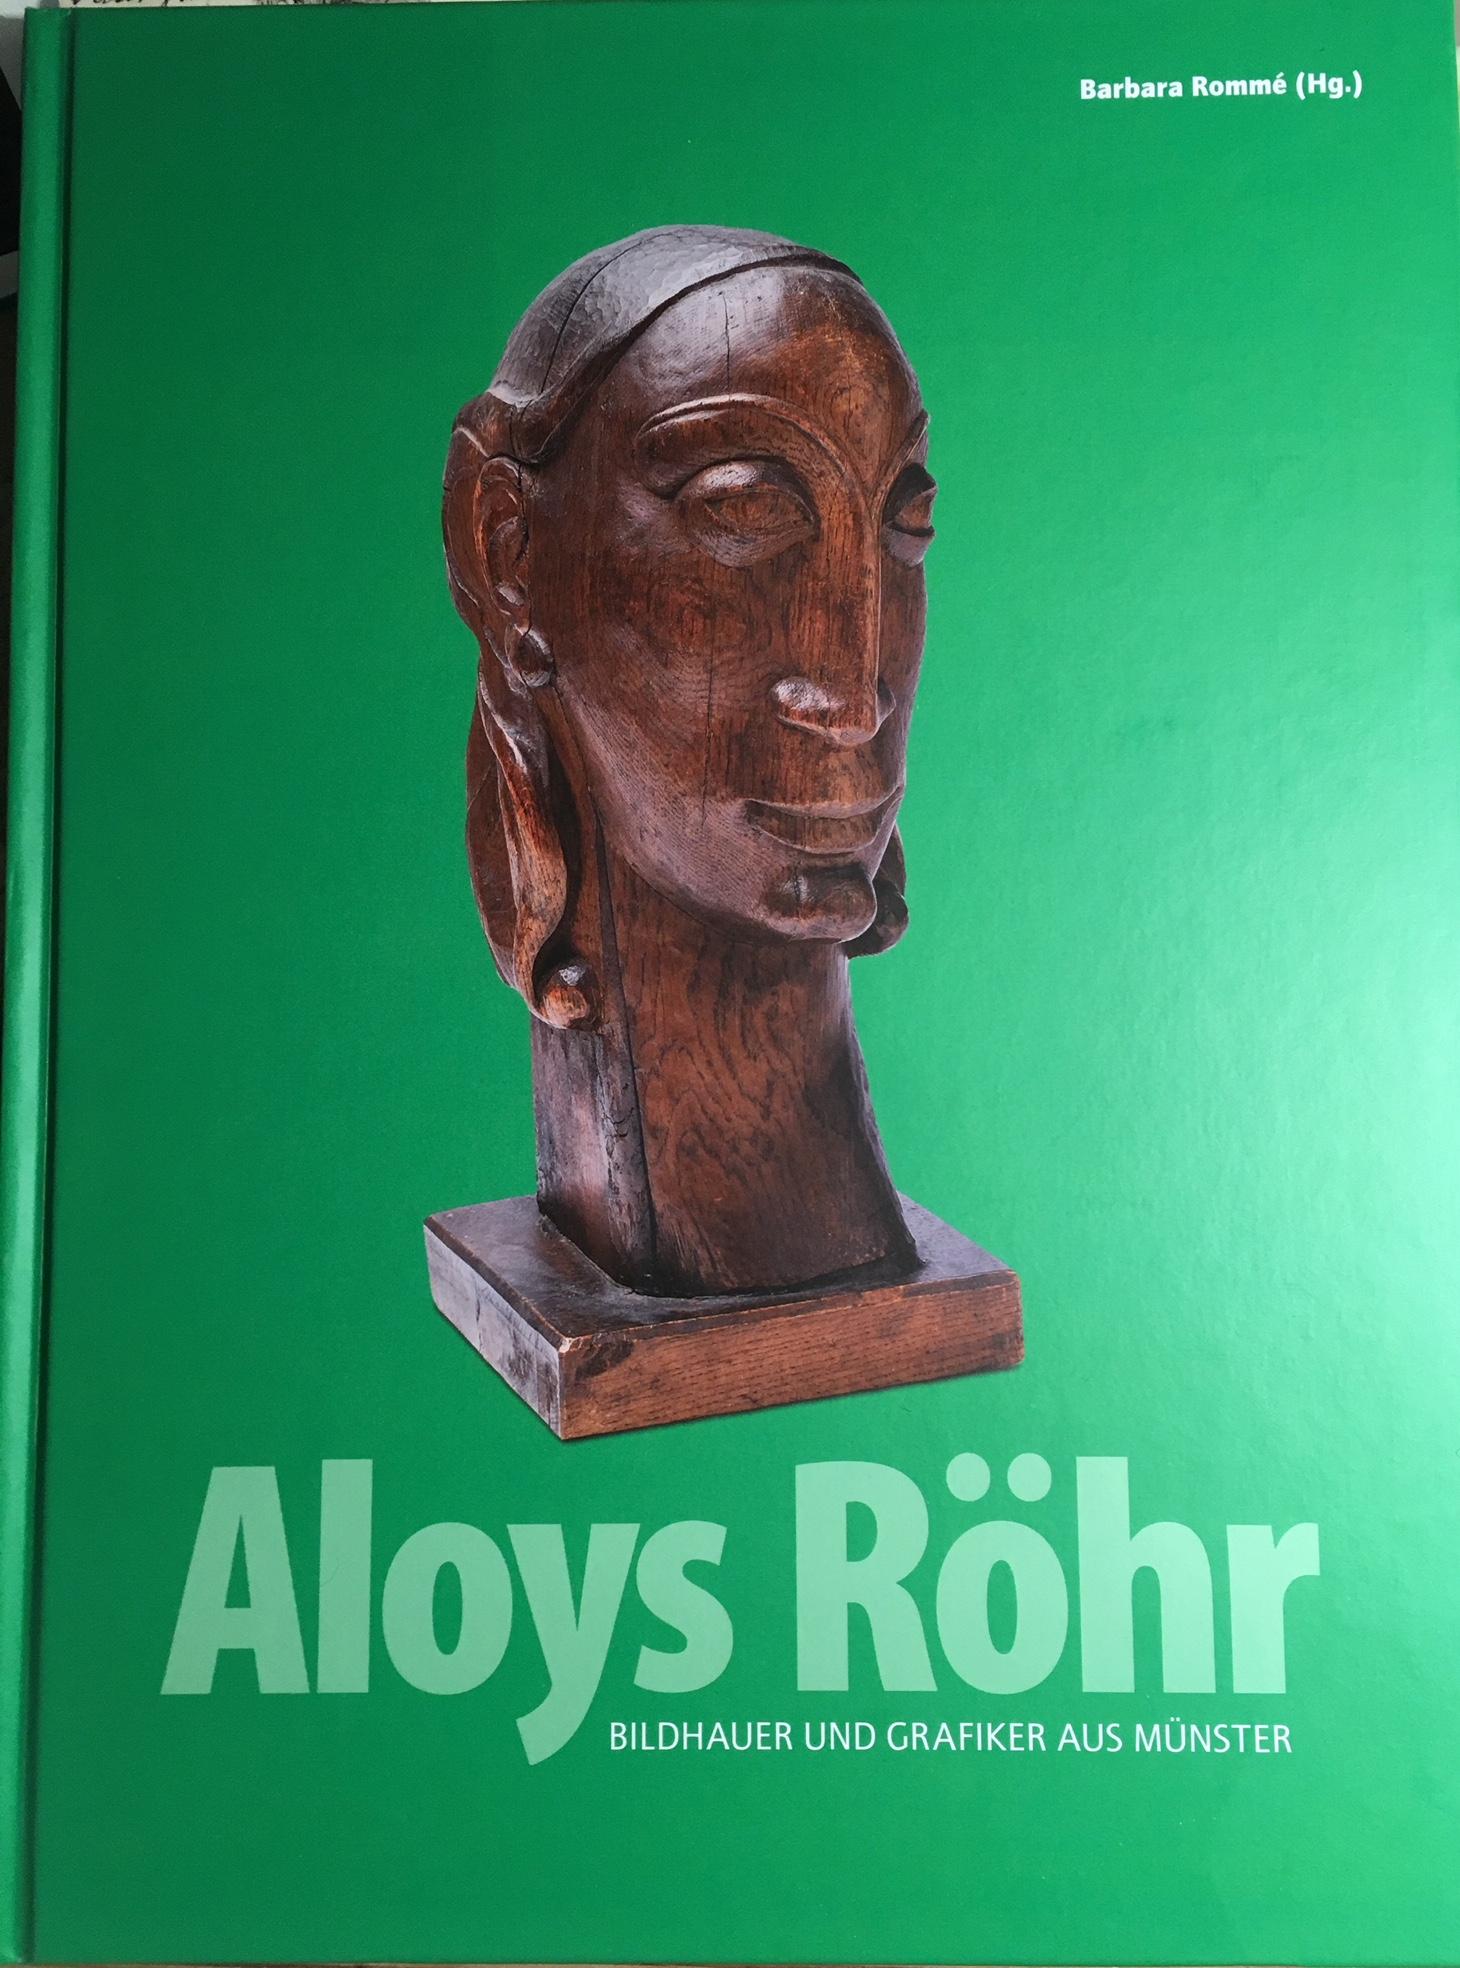 Katalog: Aloys Röhr 2009